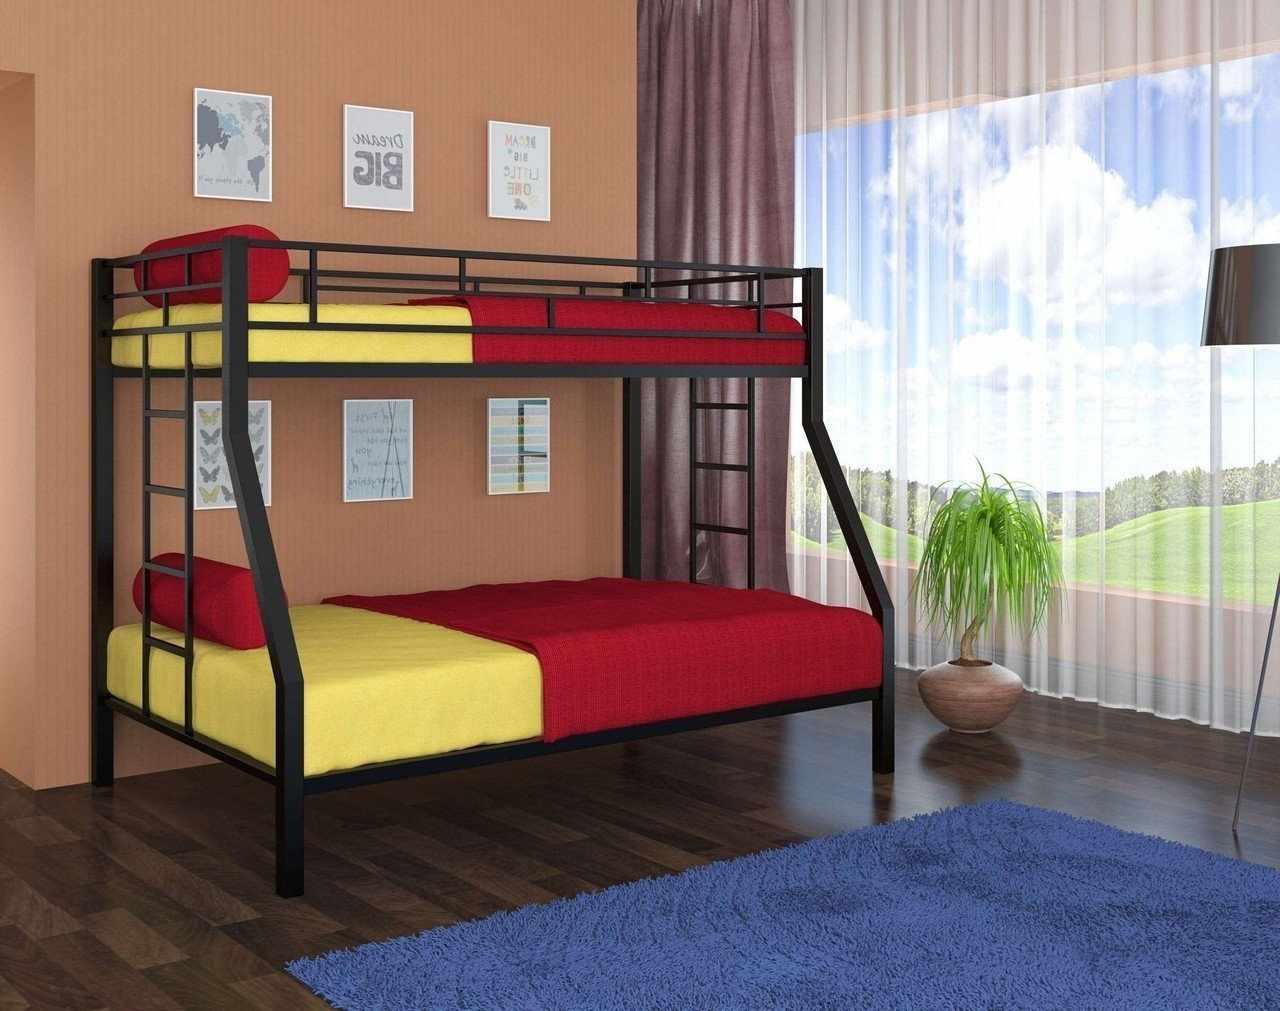 Желто-красное постельное белье на двухъярусной кровати